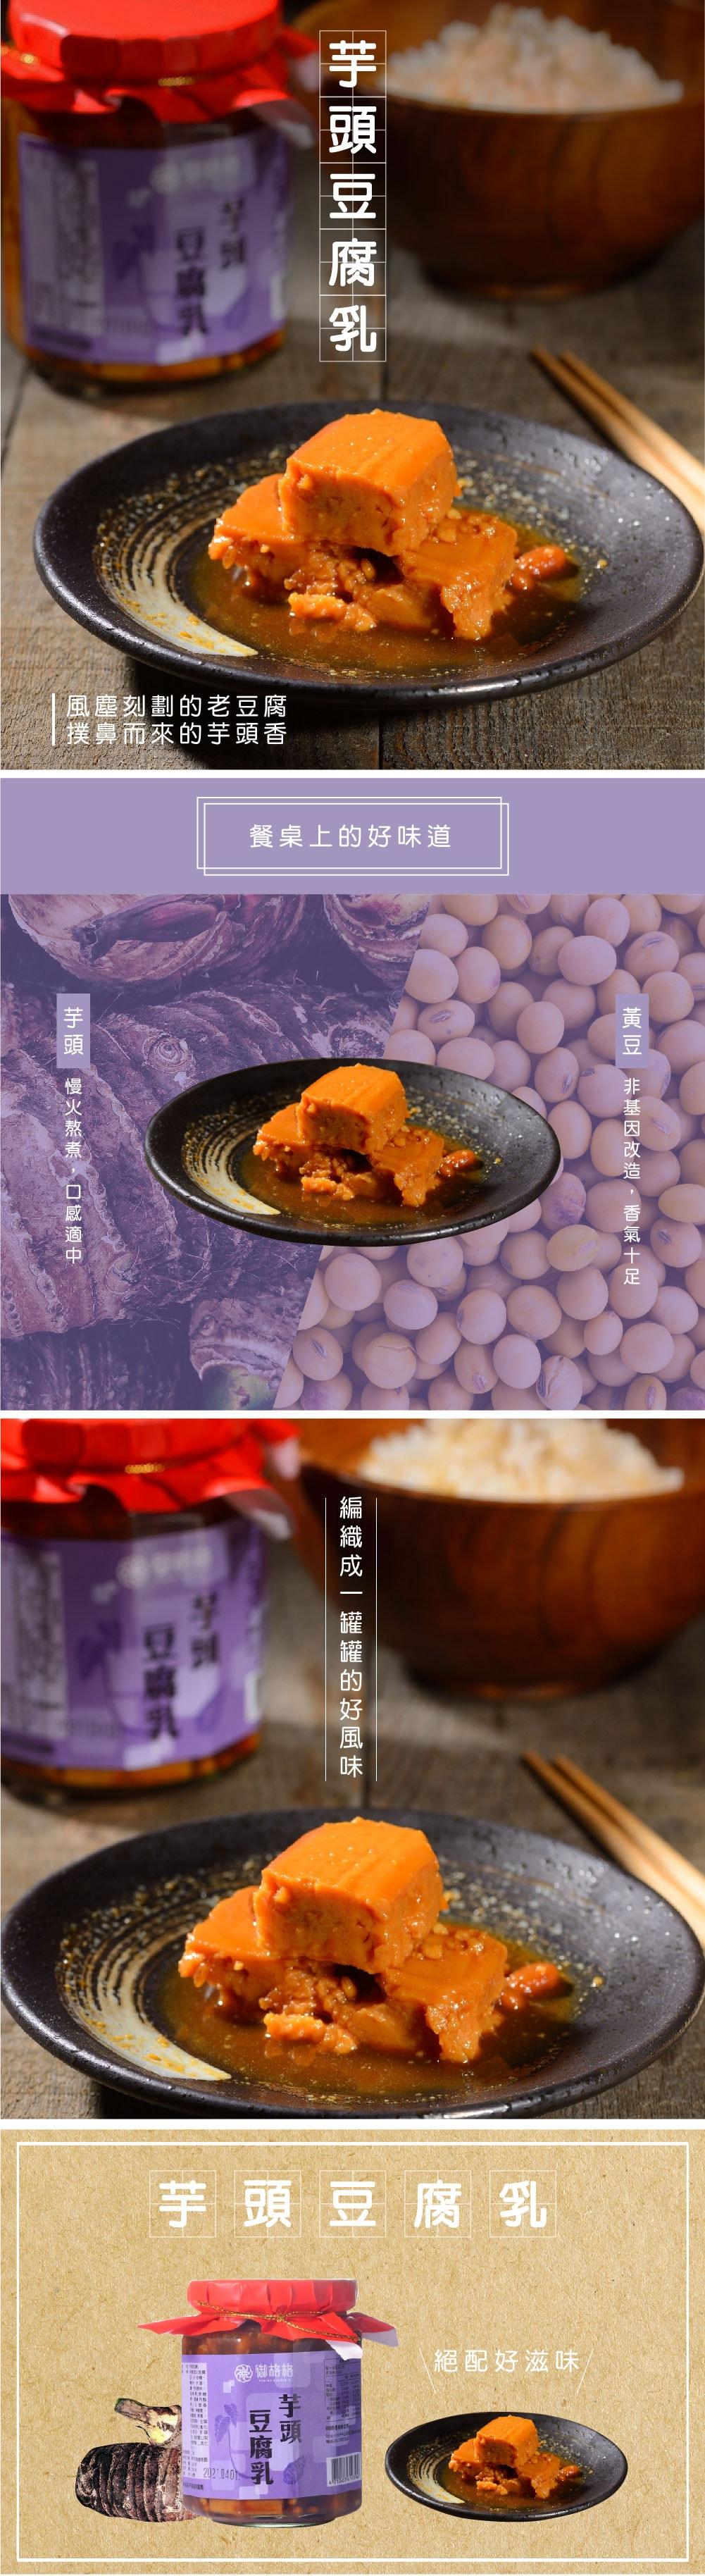 御格格-芋頭豆腐乳-min